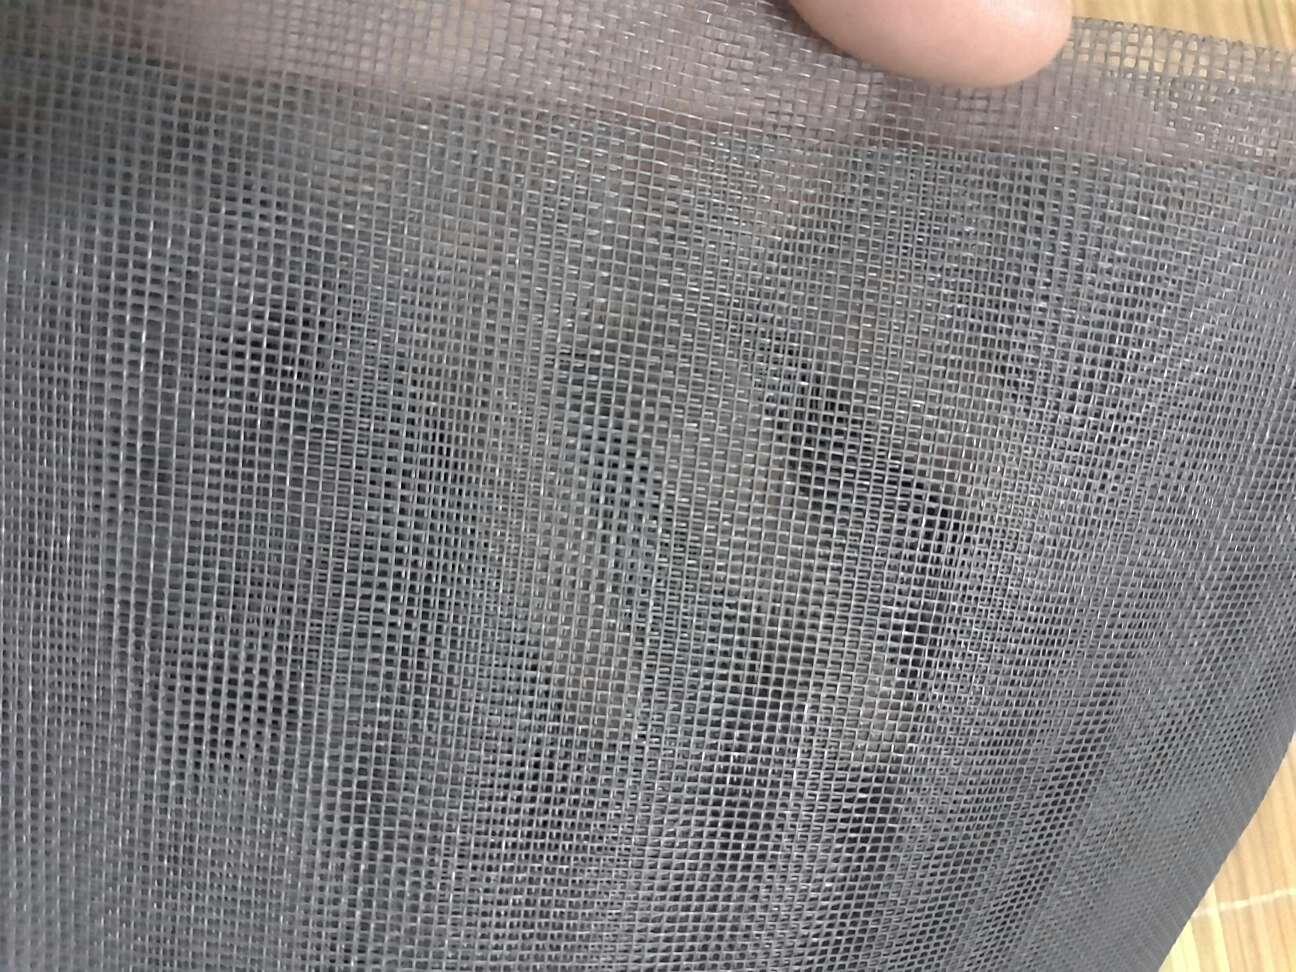 【5米价】家用加密加厚防蚊防虫窗纱纱窗网自装铝合金塑钢窗户纱窗网防尘纱网窗纱网尼灰色/长5米1.2米宽